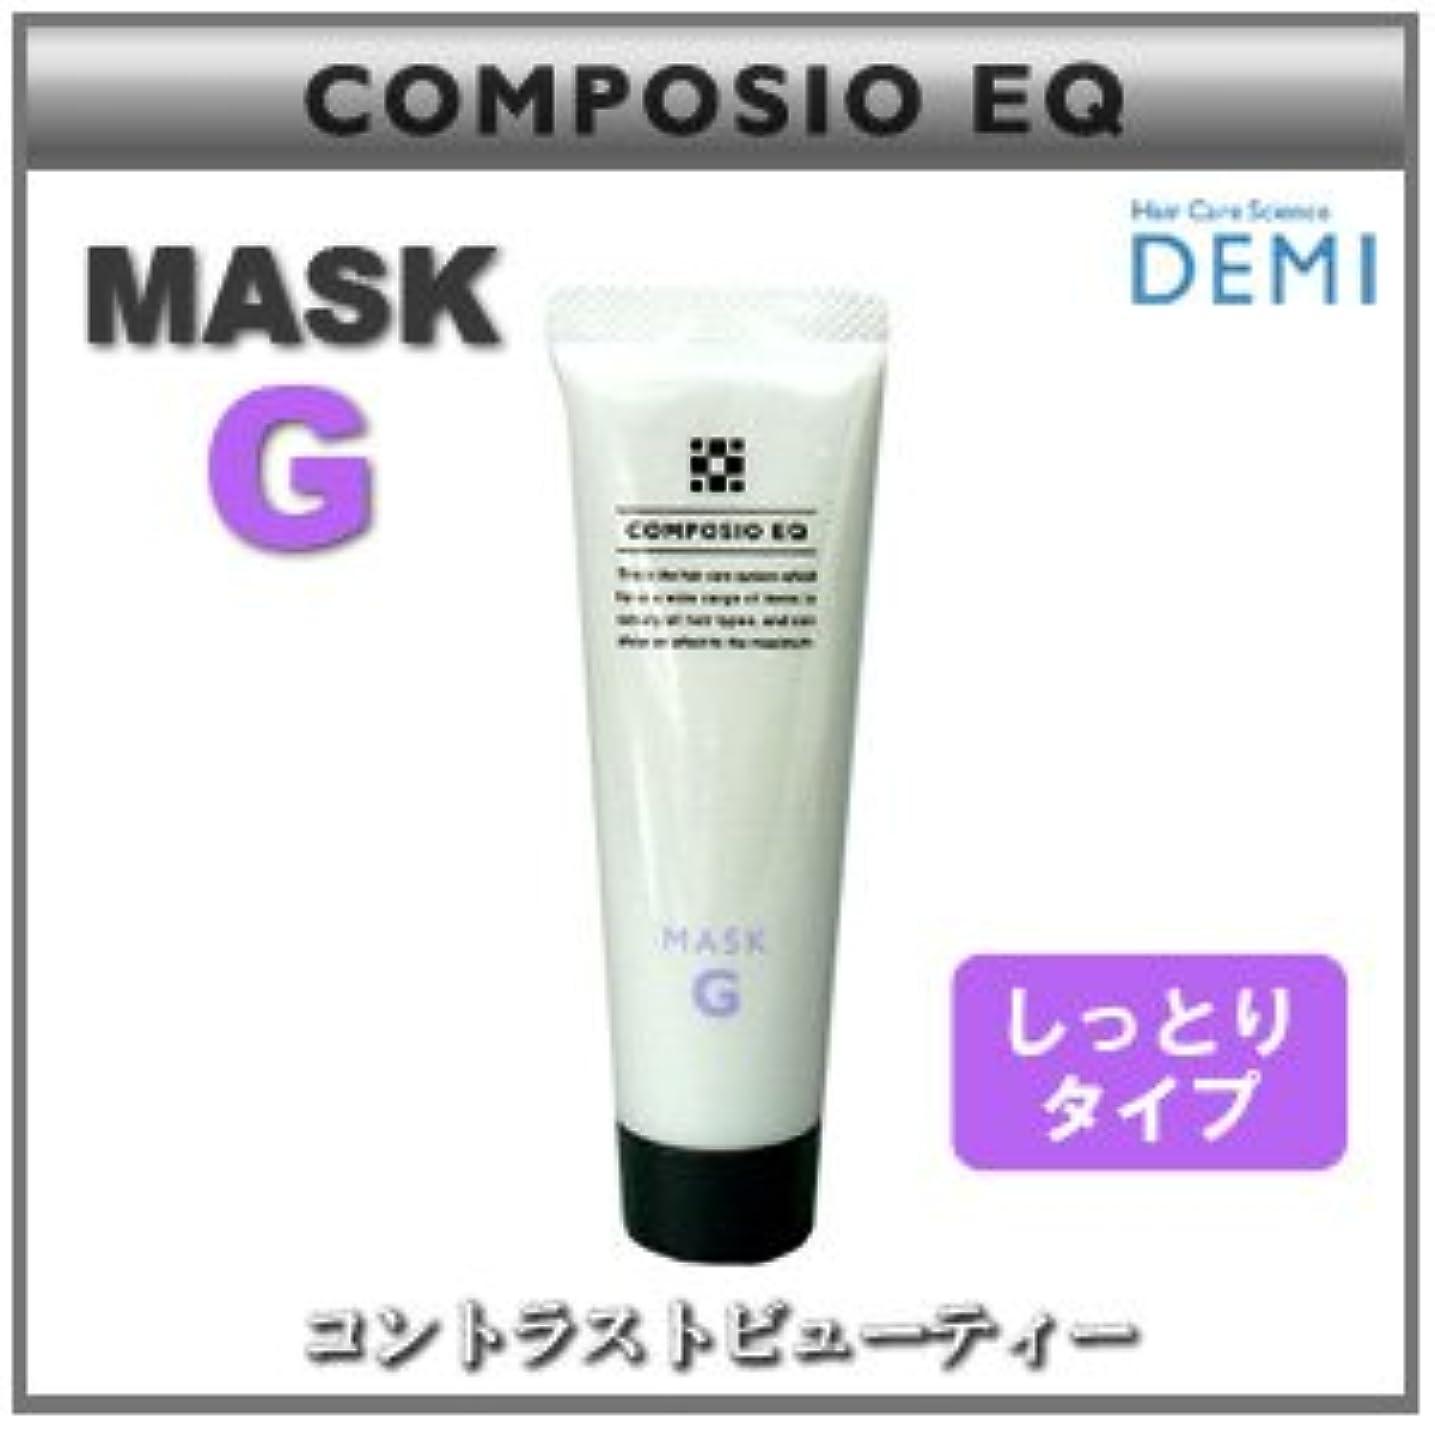 出します細心のラビリンス【X2個セット】 デミ コンポジオ EQ マスク G 50g